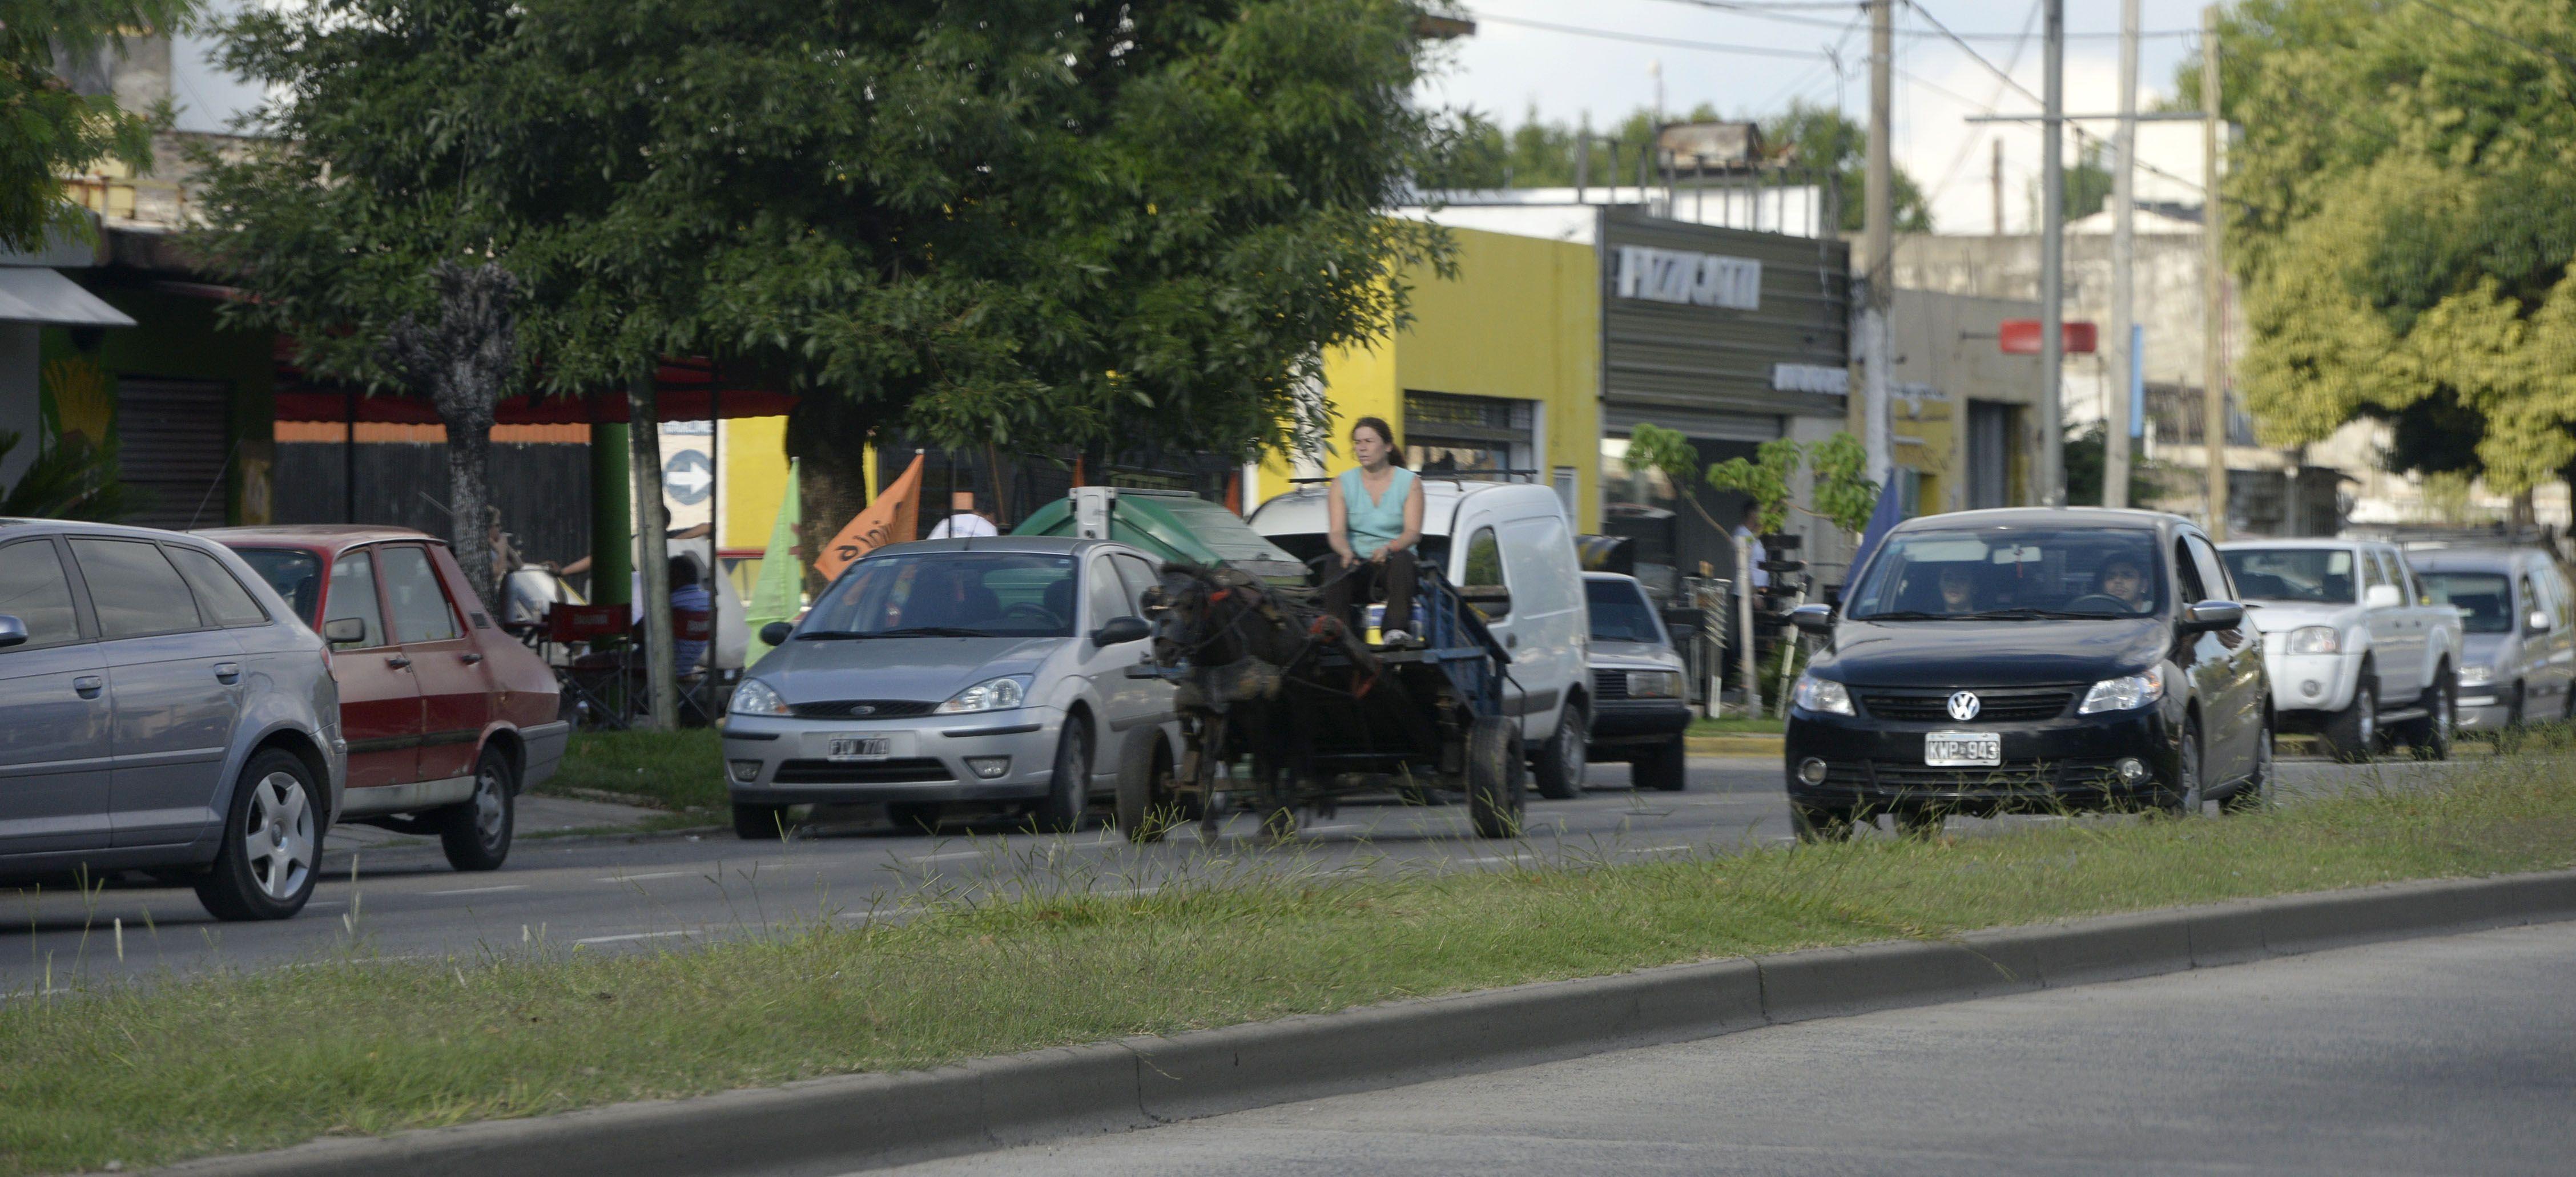 en retirada. Una mujer conducía ayer un carro tirado por un caballo en una avenida. Dentro de 60 días no podrá hacerlo más.